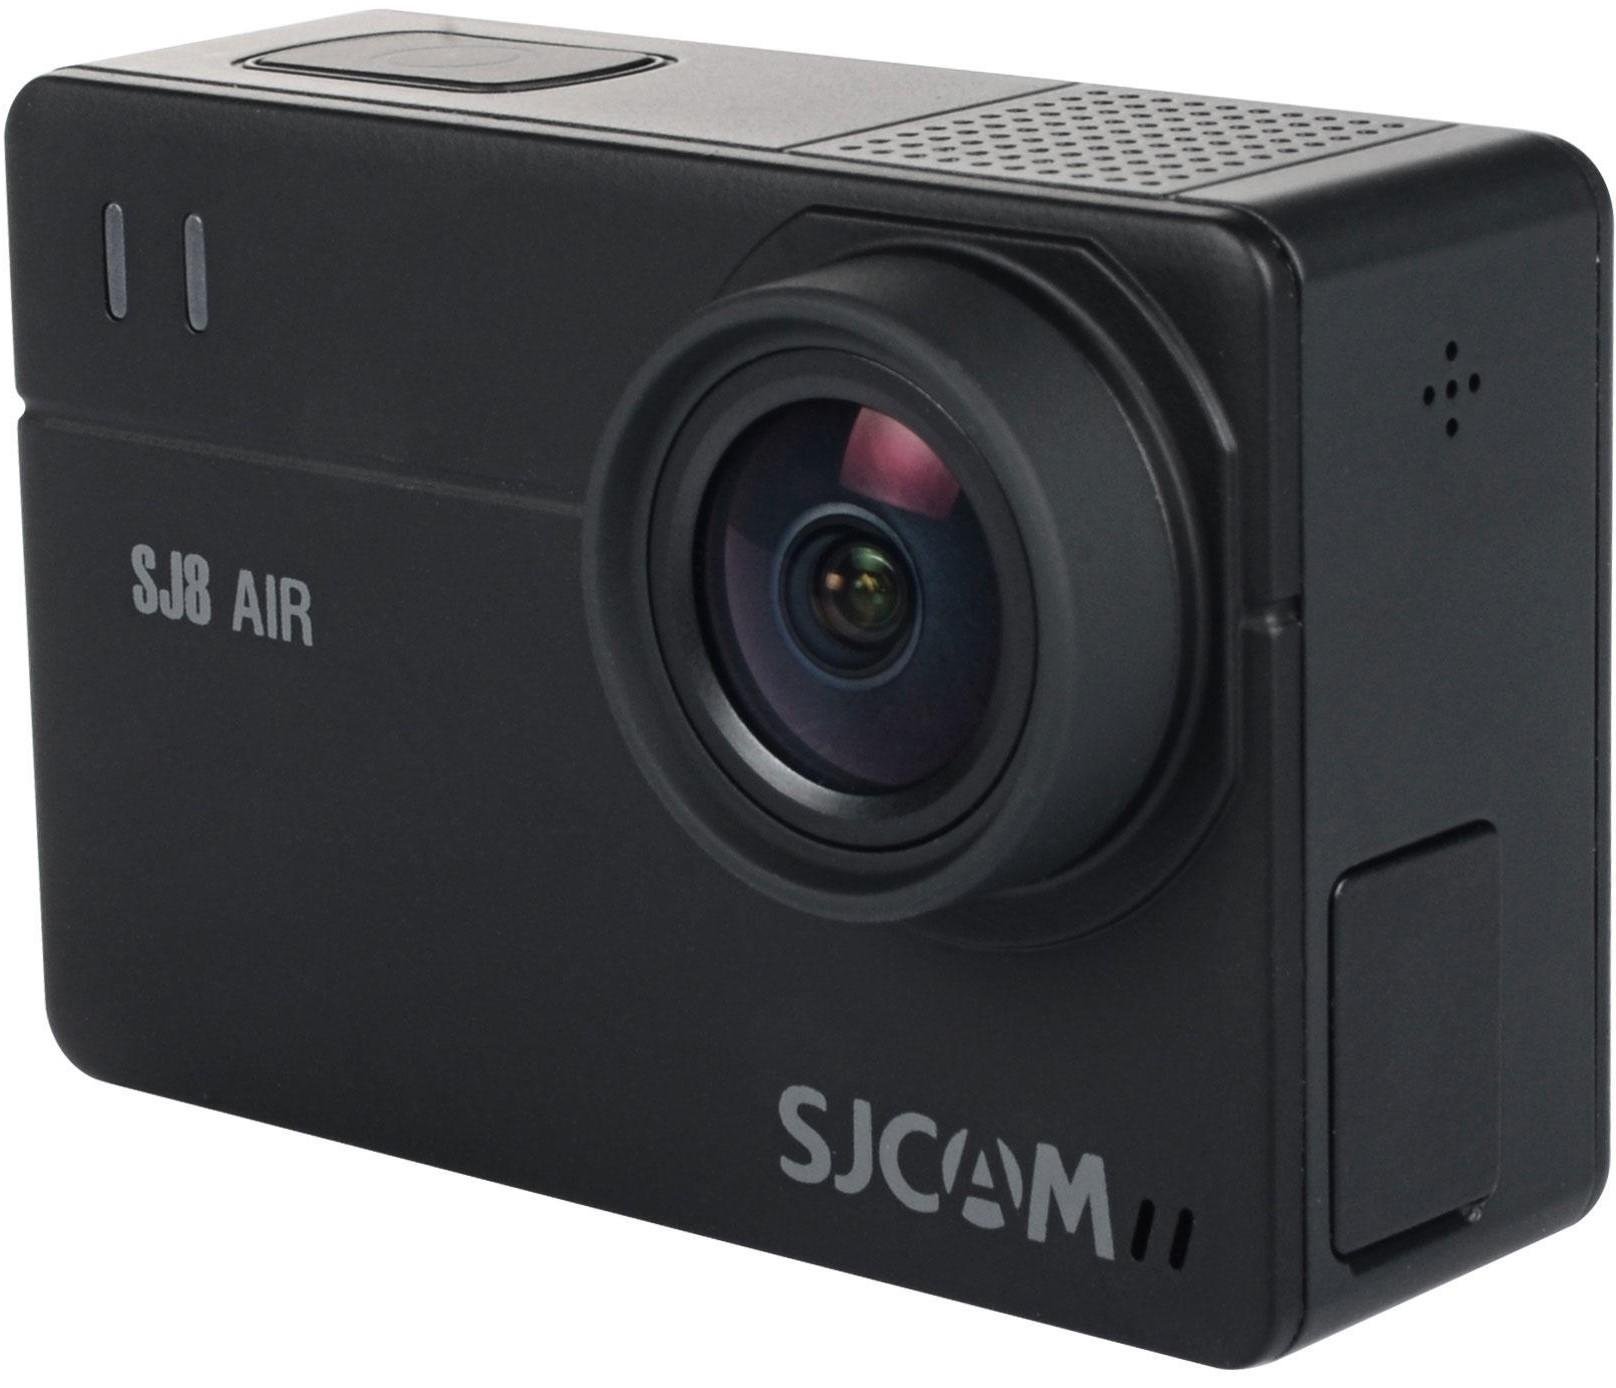 Фото - Экшн-камера Sj SJ8 Air, черный видео